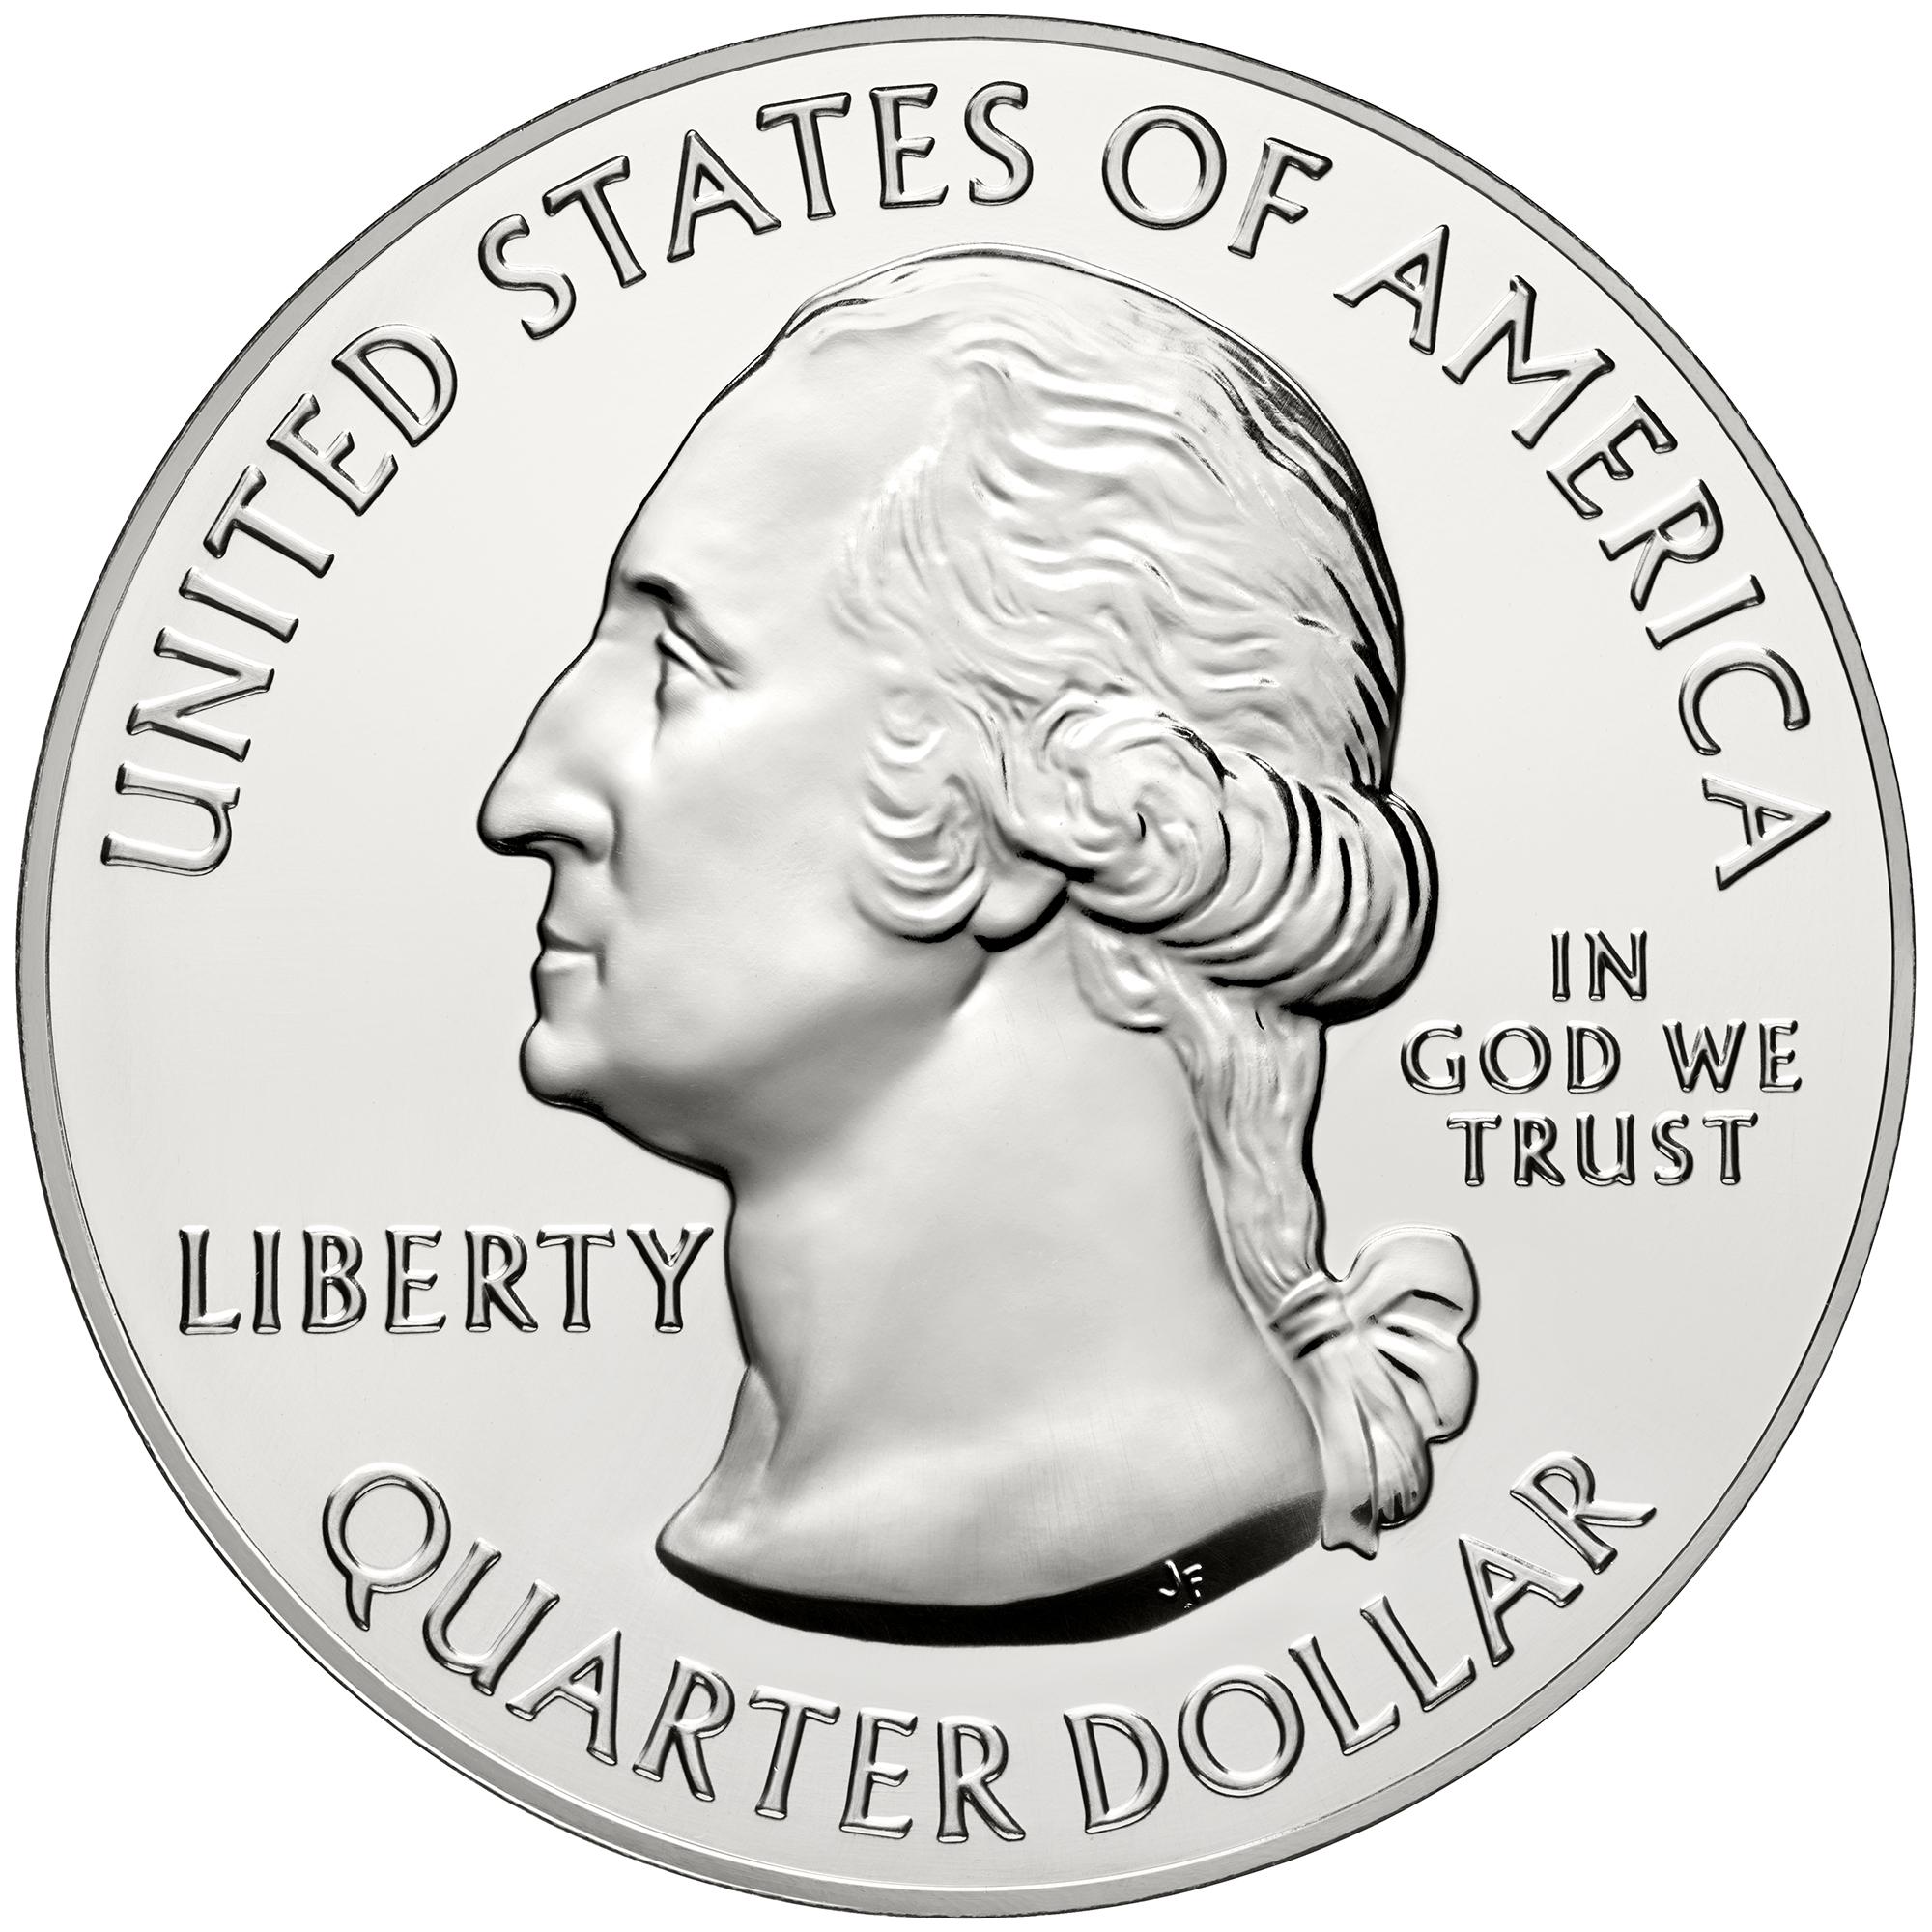 Gemeinsame Rückseite aller 5oz America The Beautiful Quarters mit George Washington auf der Silbermünze